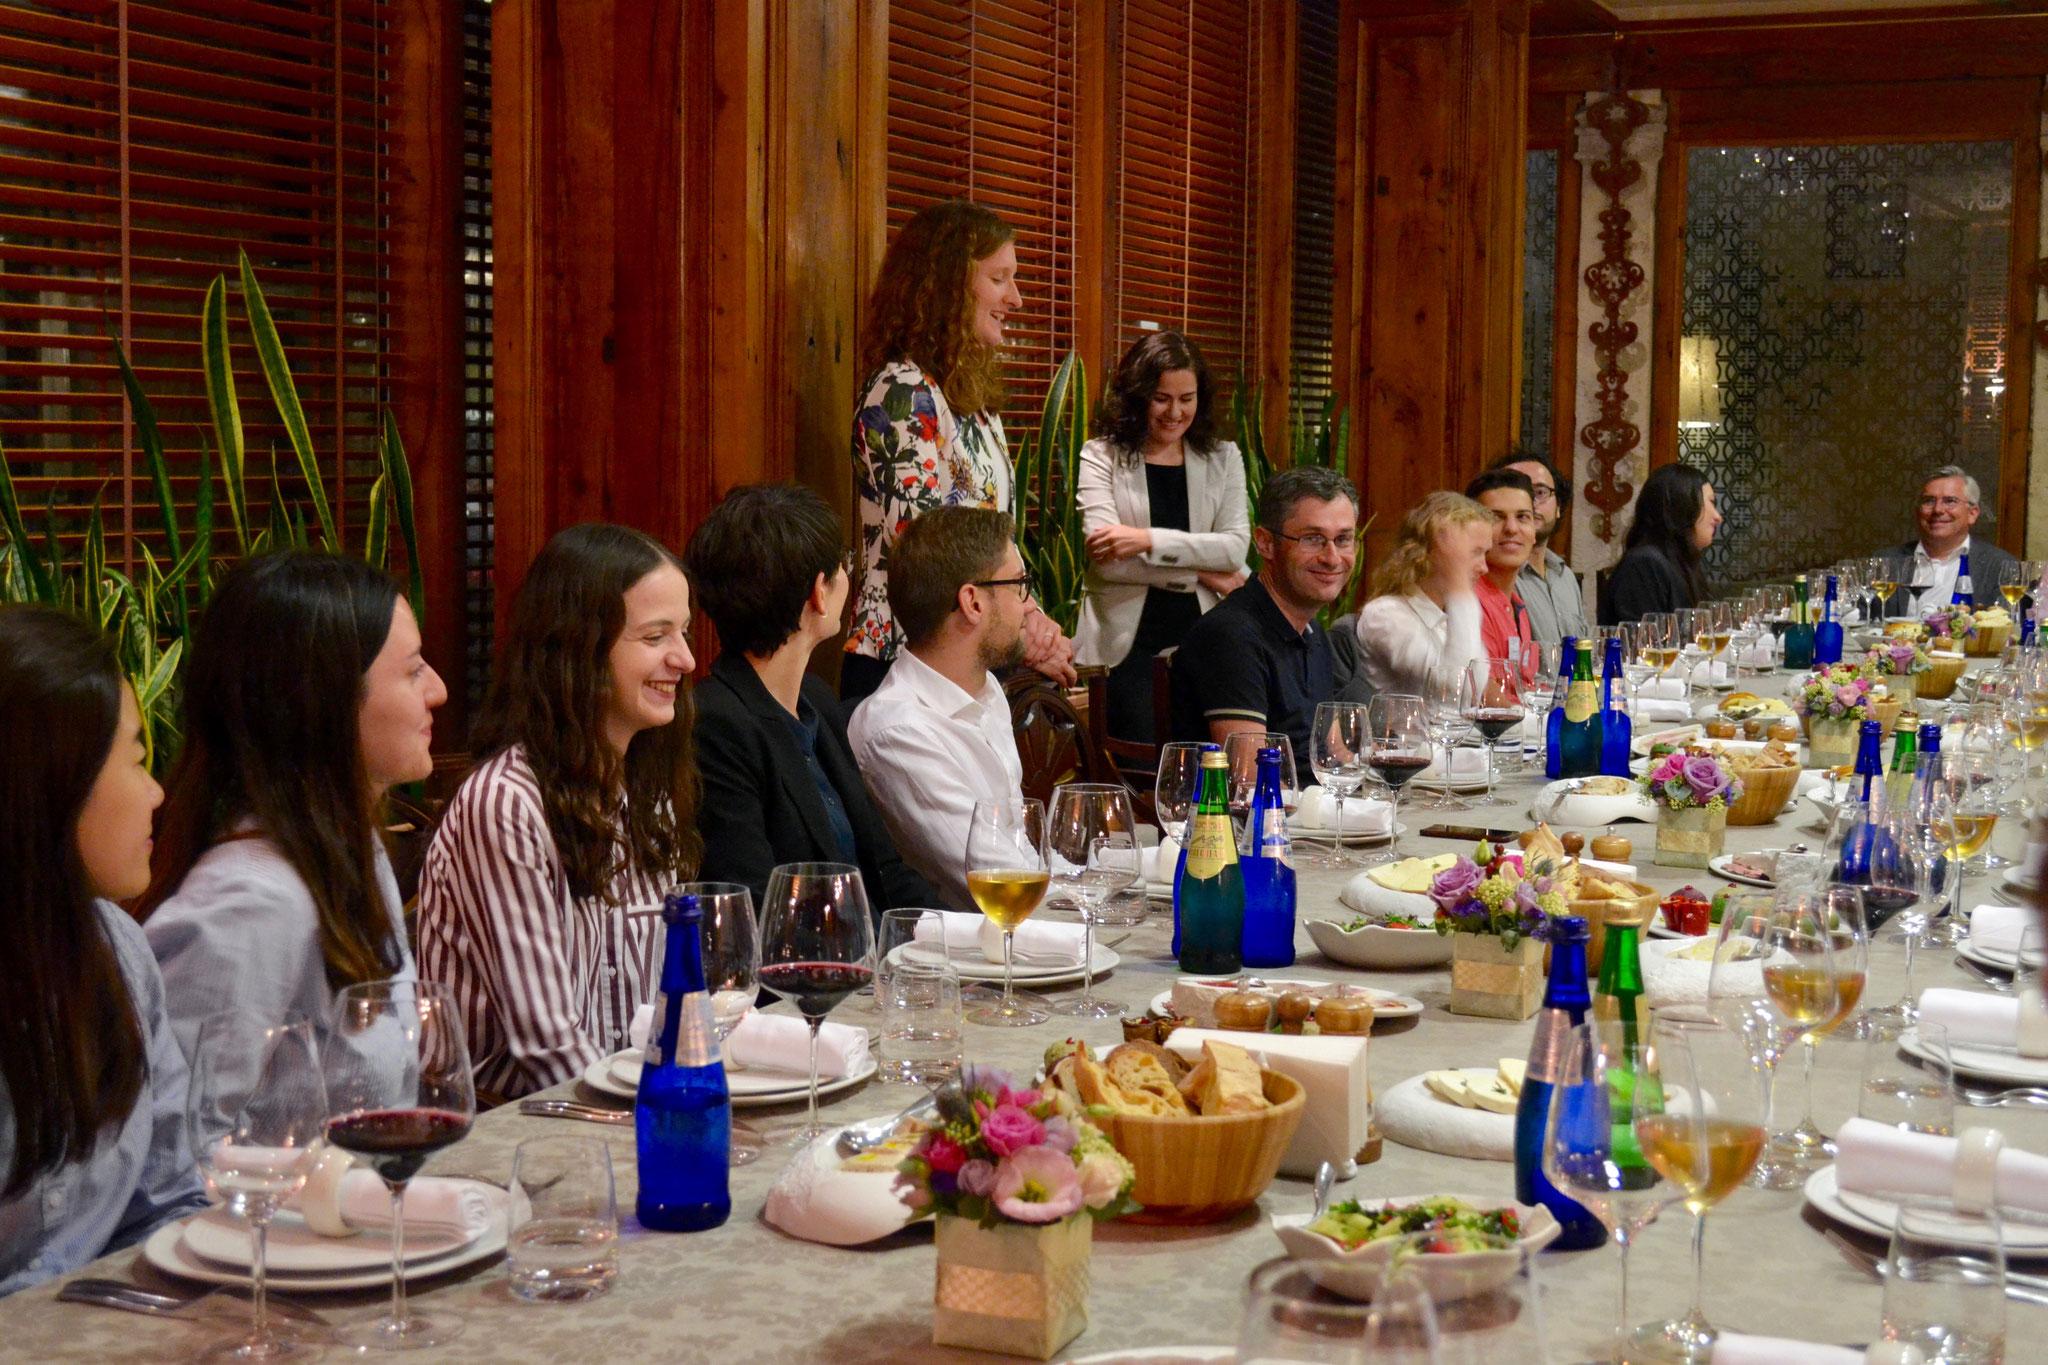 Beim Dinnervortrag informieren Christina Bellmann und Shorena Gharibashvili über die Arbeit der Konrad-Adenauer-Stiftung in Tiflis